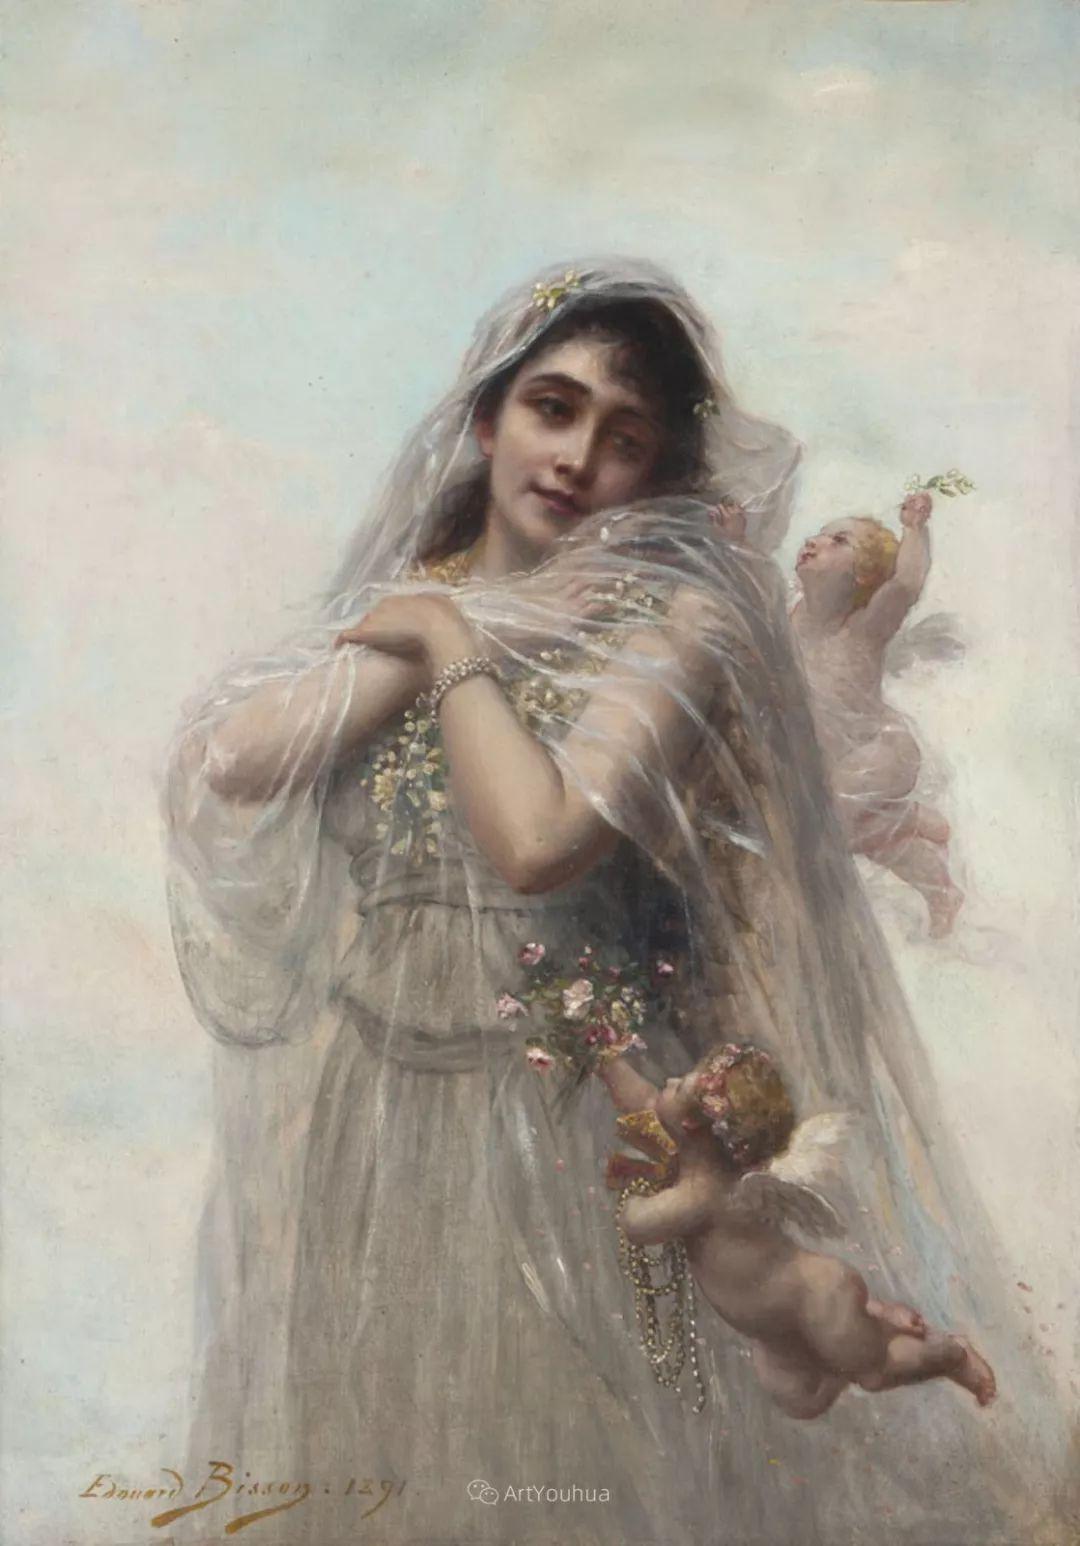 法国画家油画中的仙女,身披薄纱,性感迷人!插图24